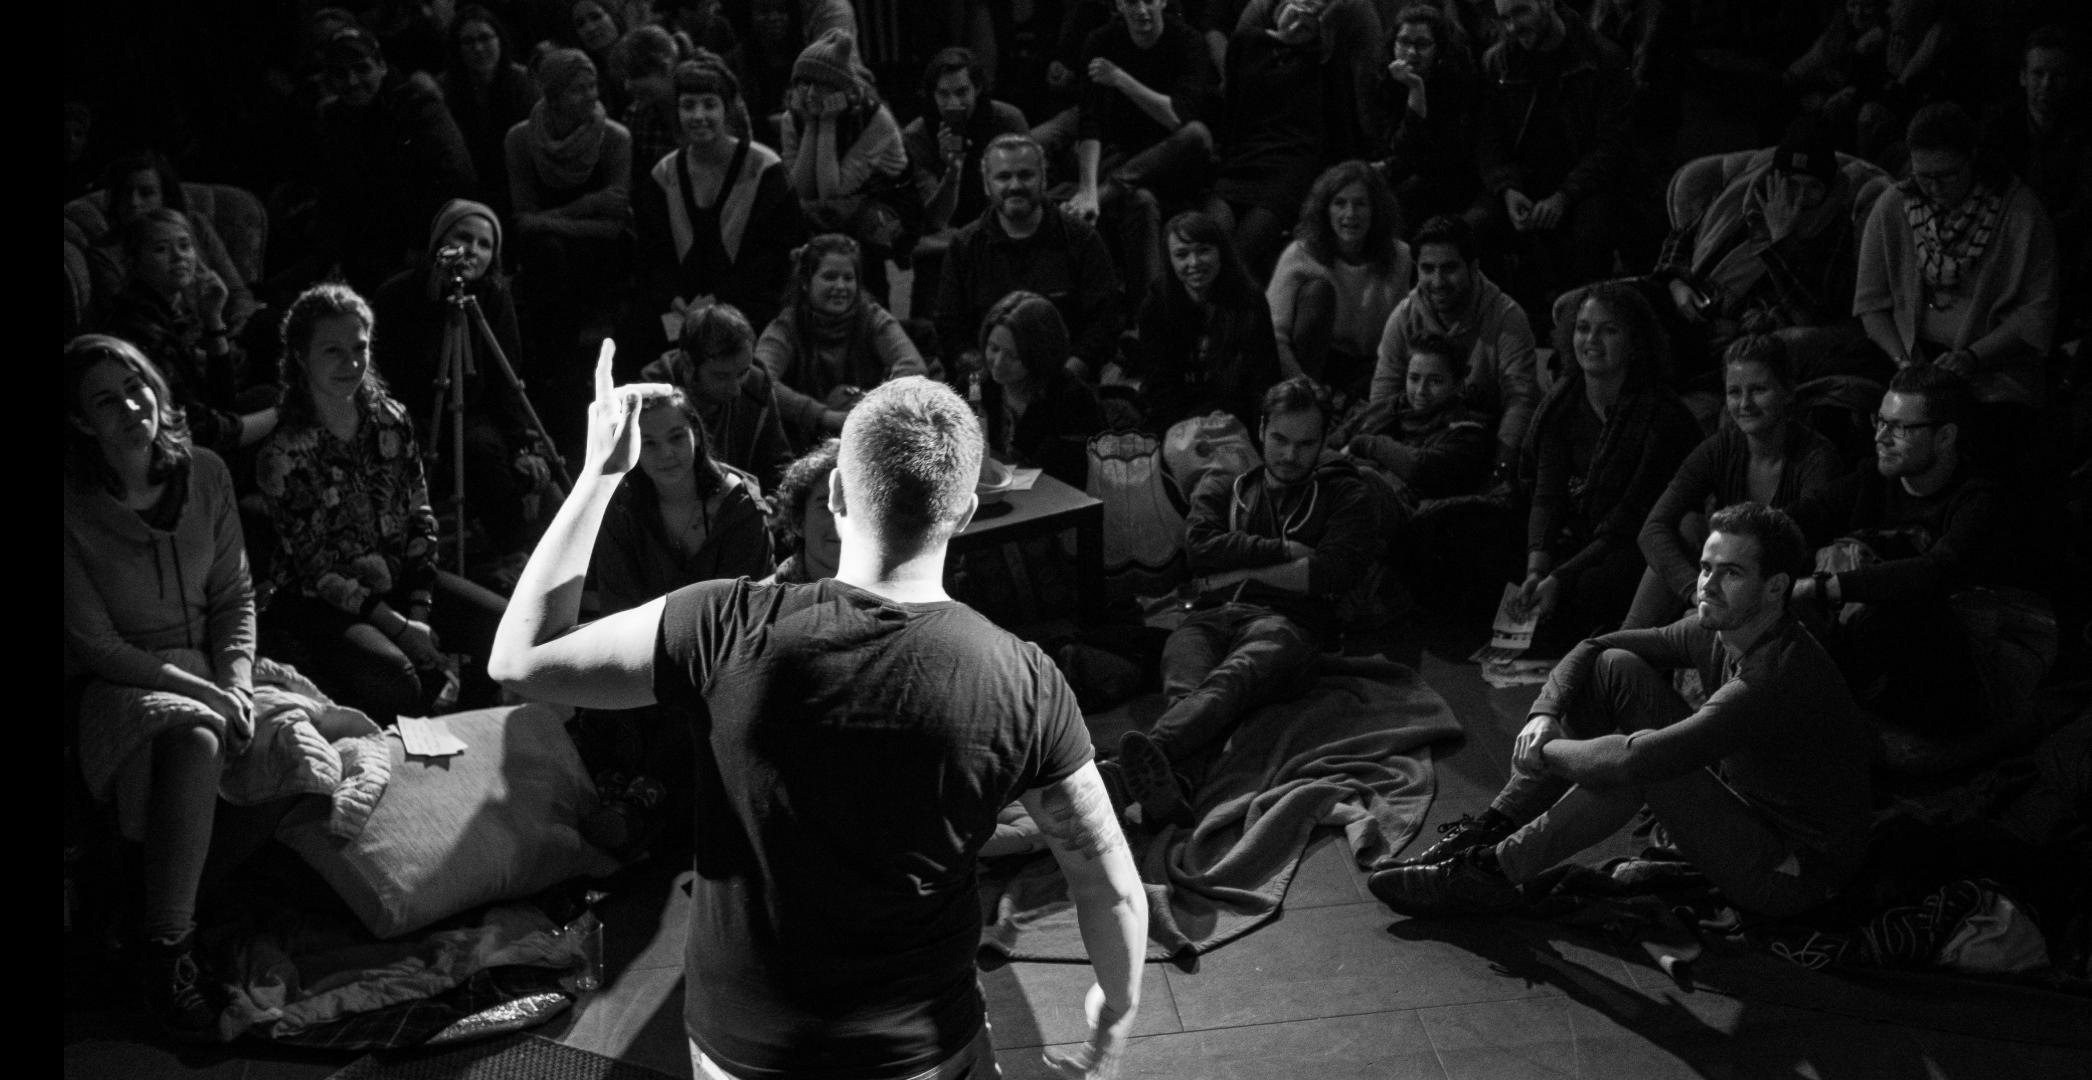 """Köln spricht Themenabend: """"Depression hat viele Gesichter"""" am 16.11.19 @Kulturraum405"""